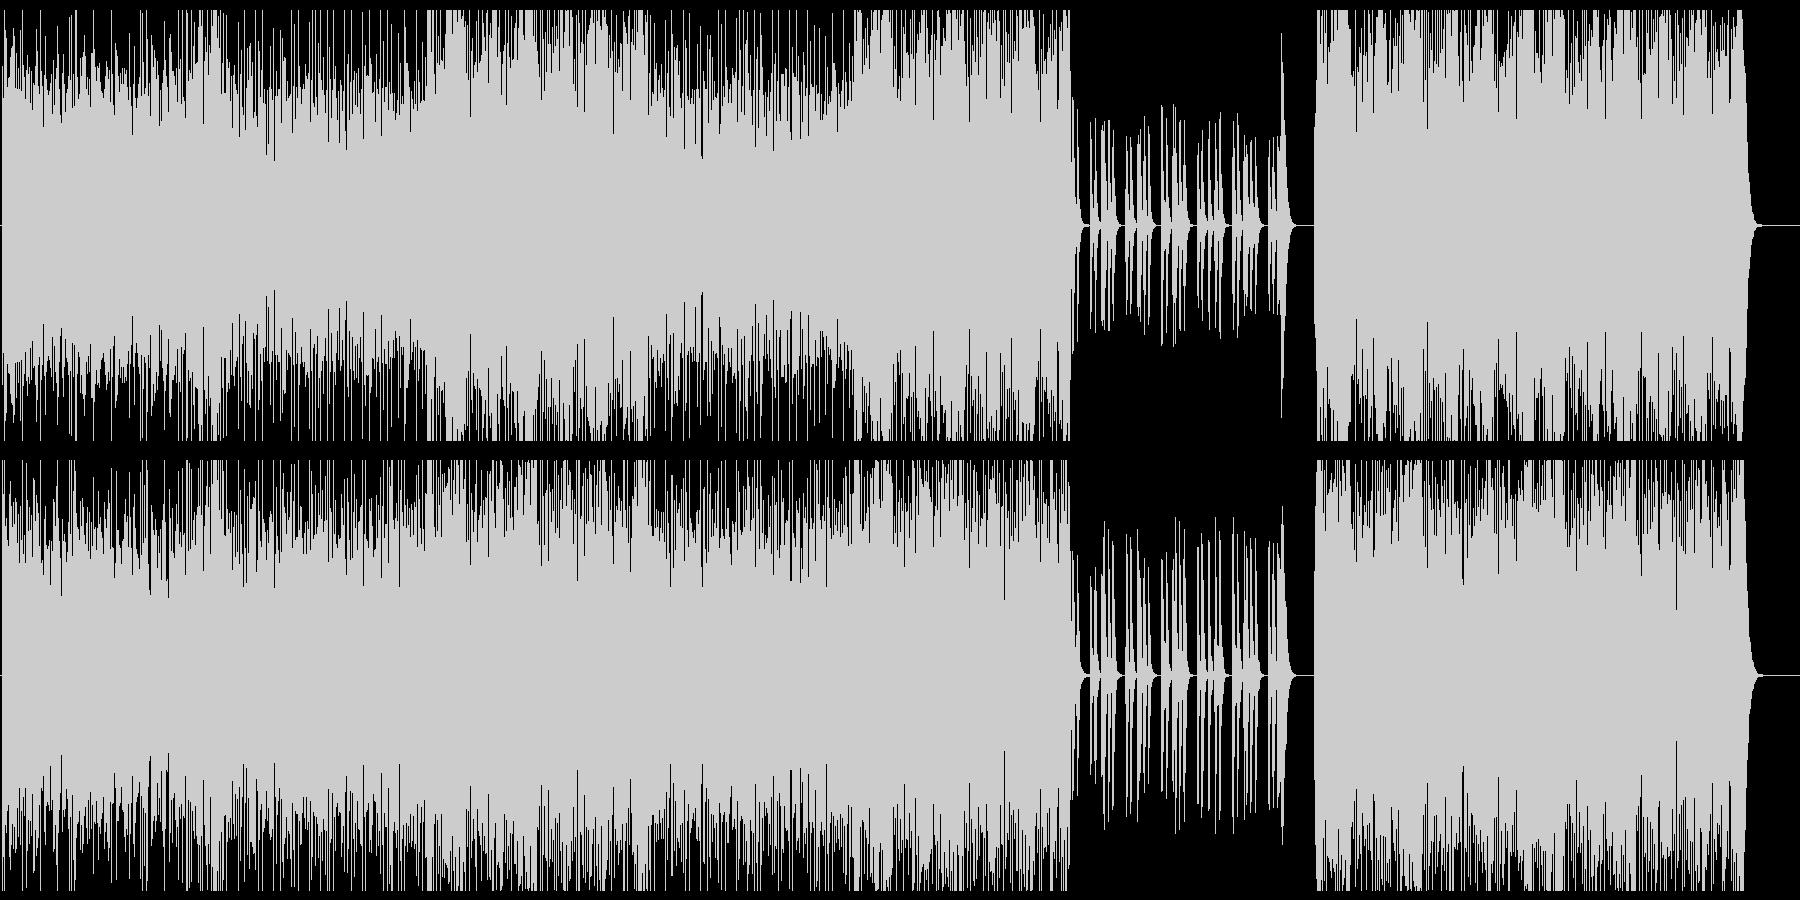 ヒップホップ/オーケストラ/マフィアの未再生の波形